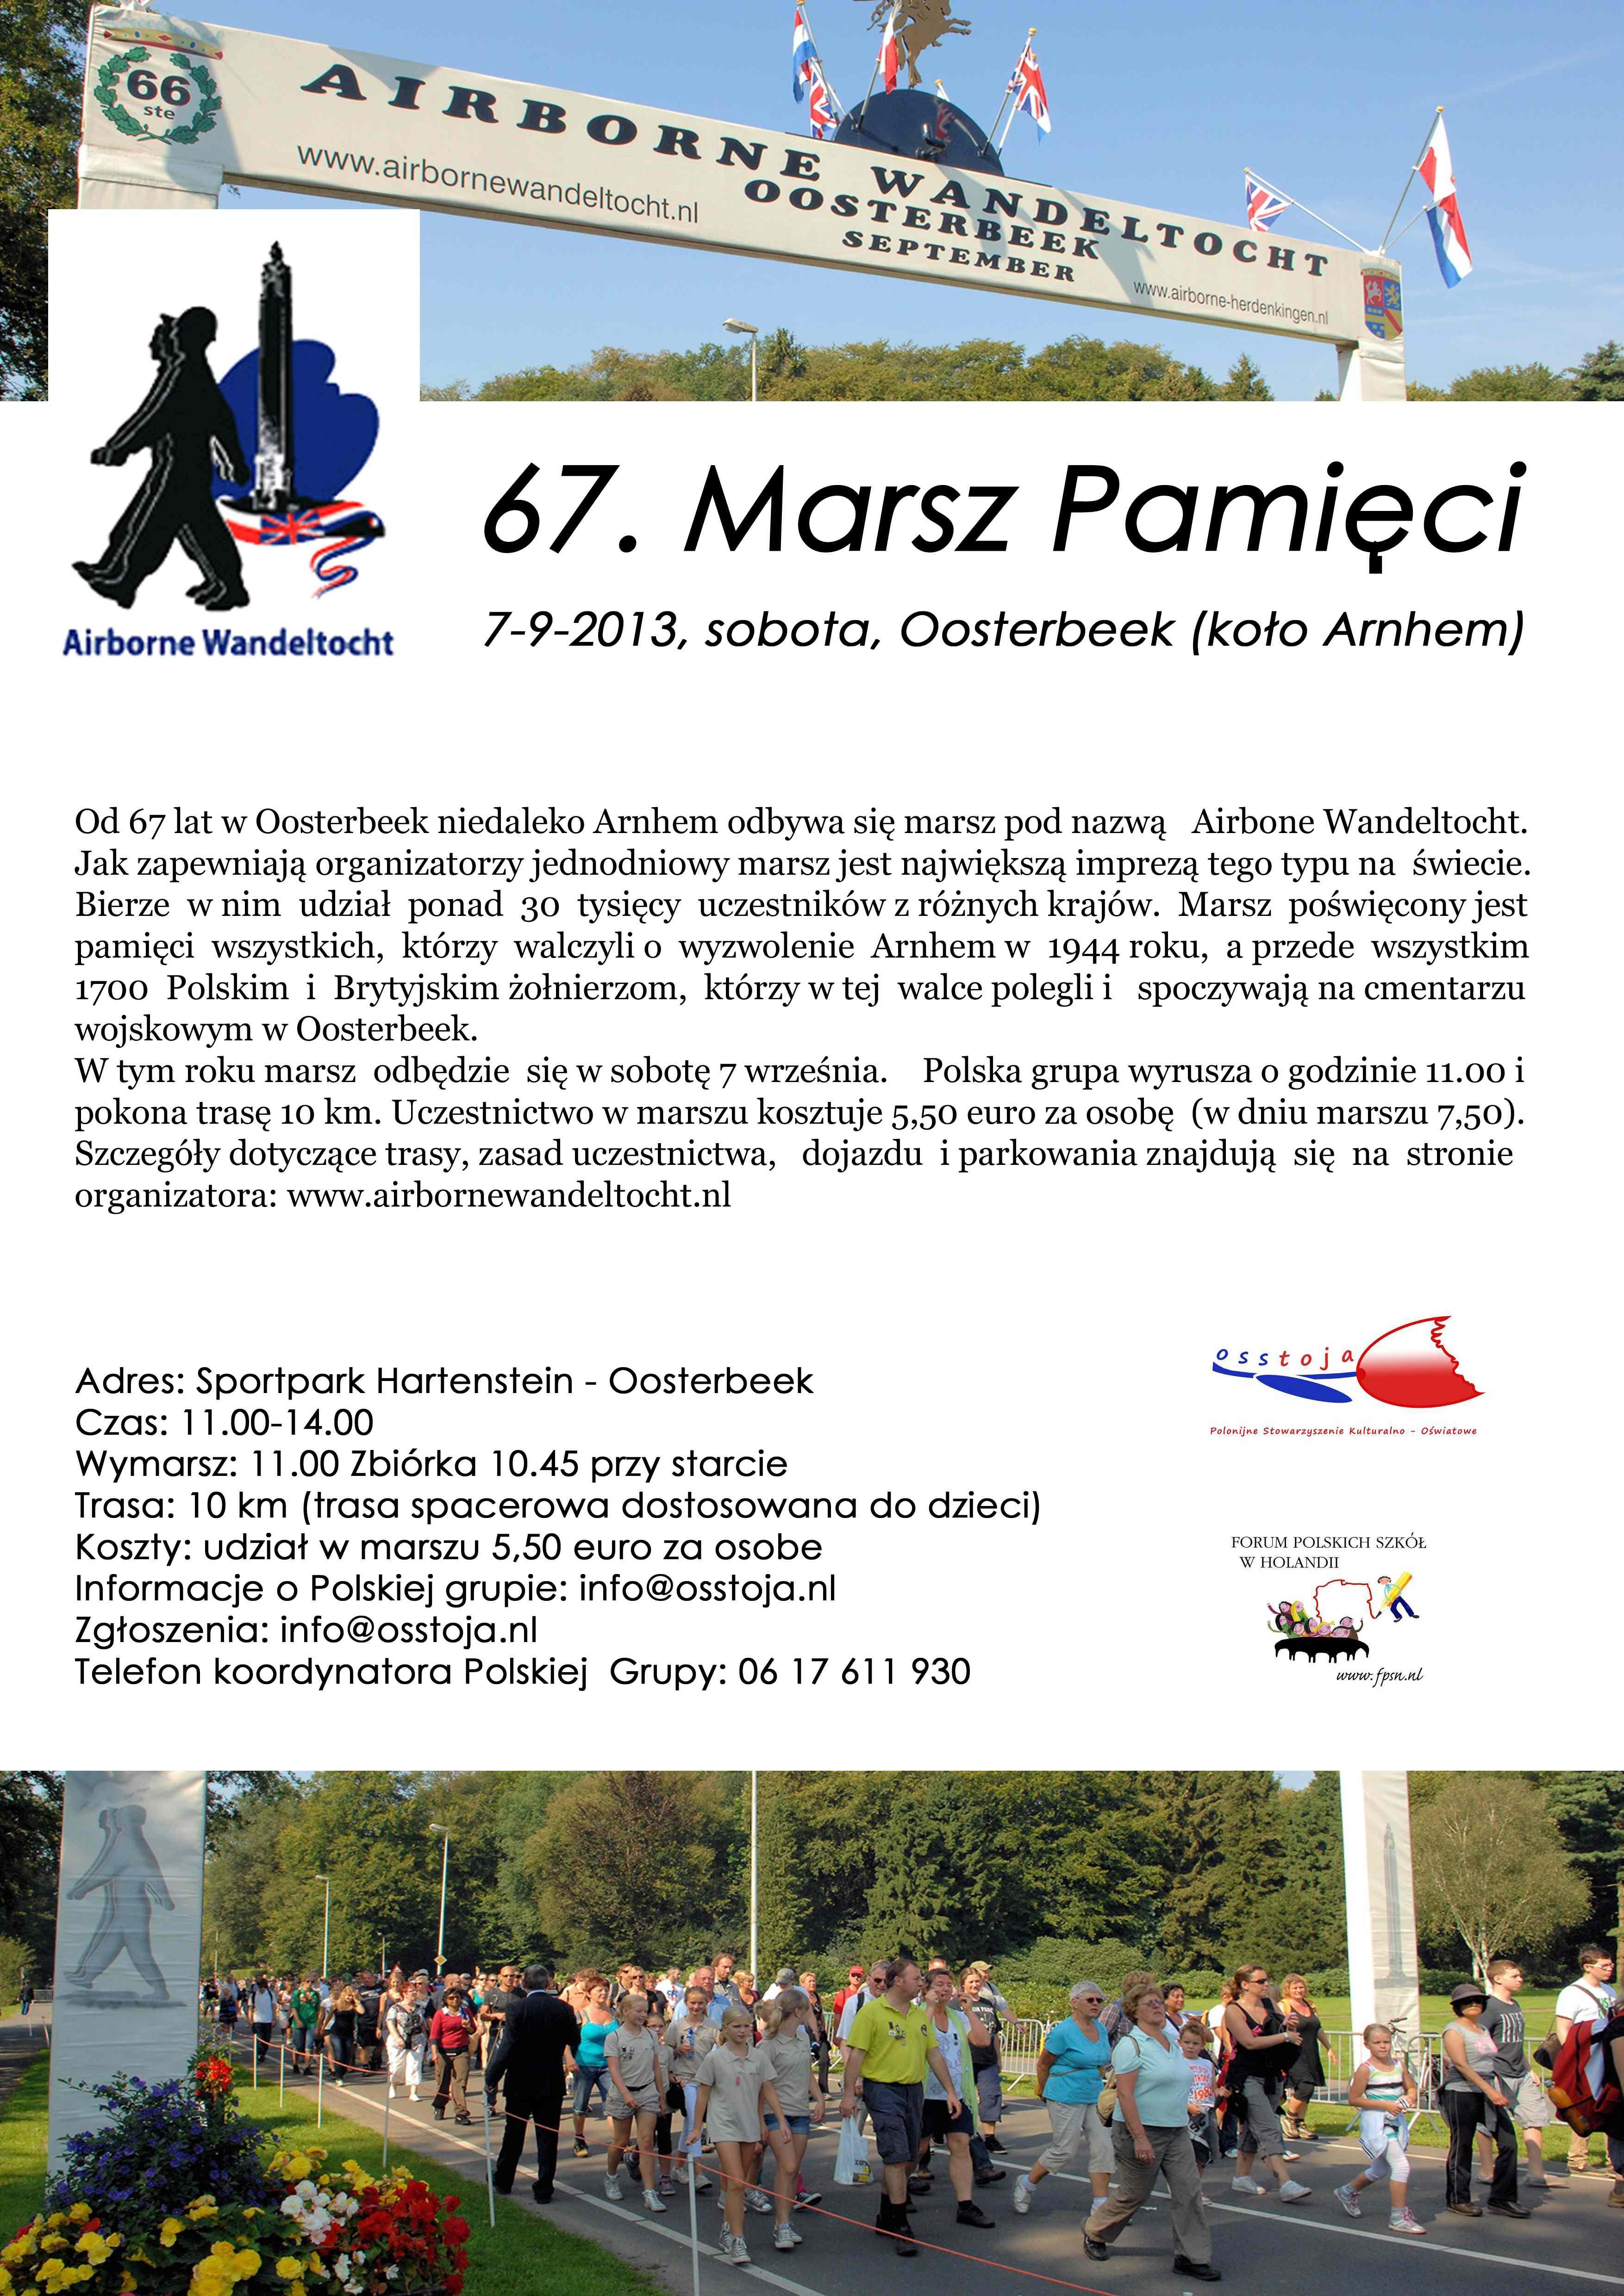 marsz_pamieci_67